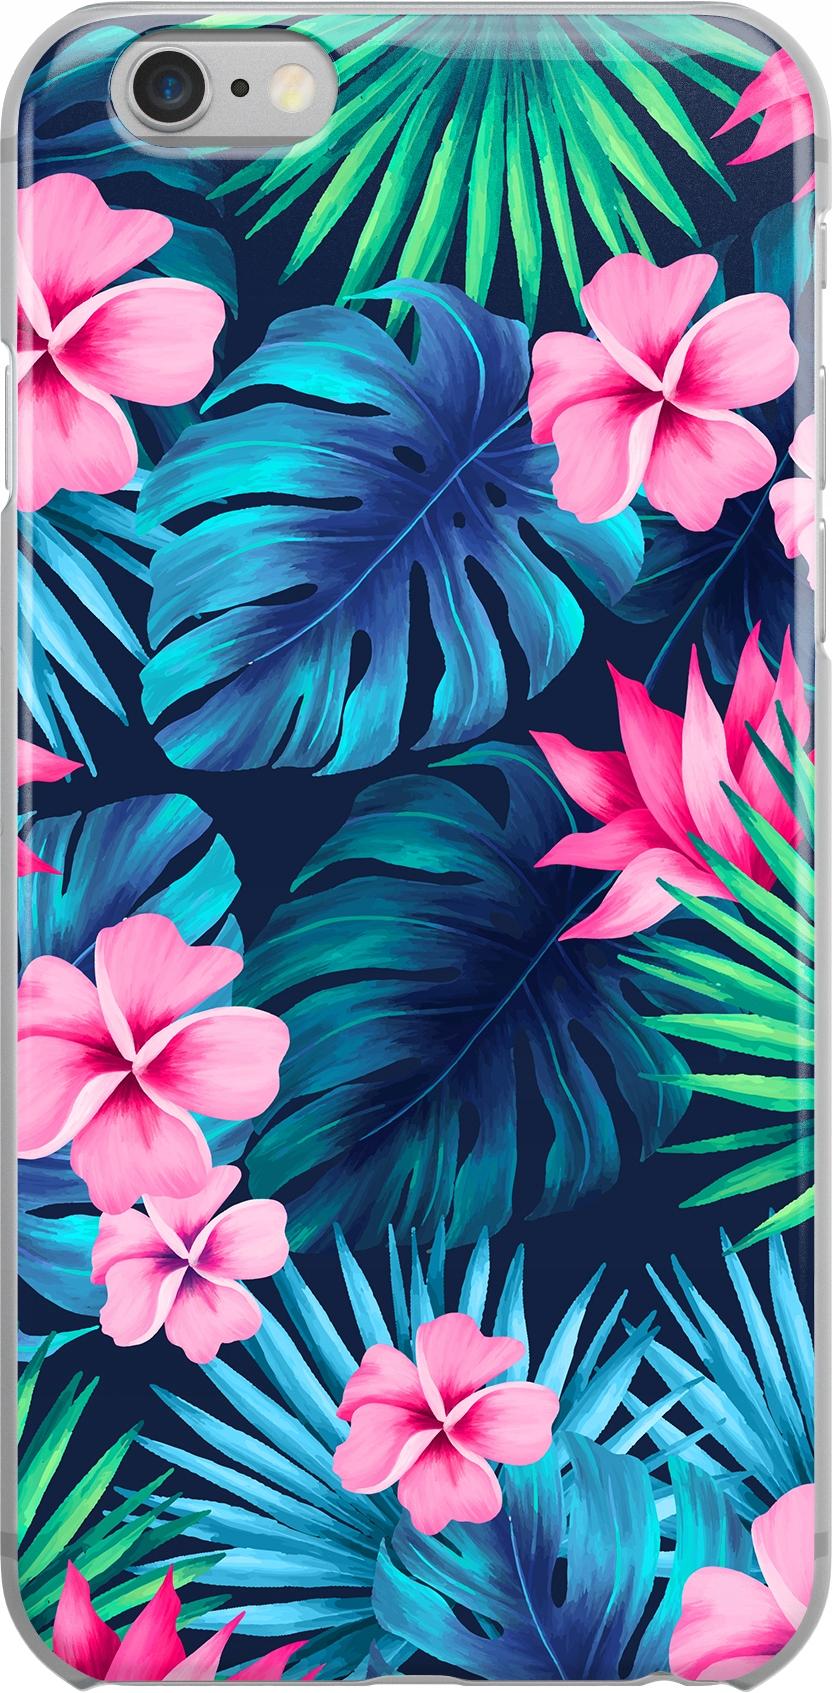 Etui Wzory Kwiaty Huawei Y8P